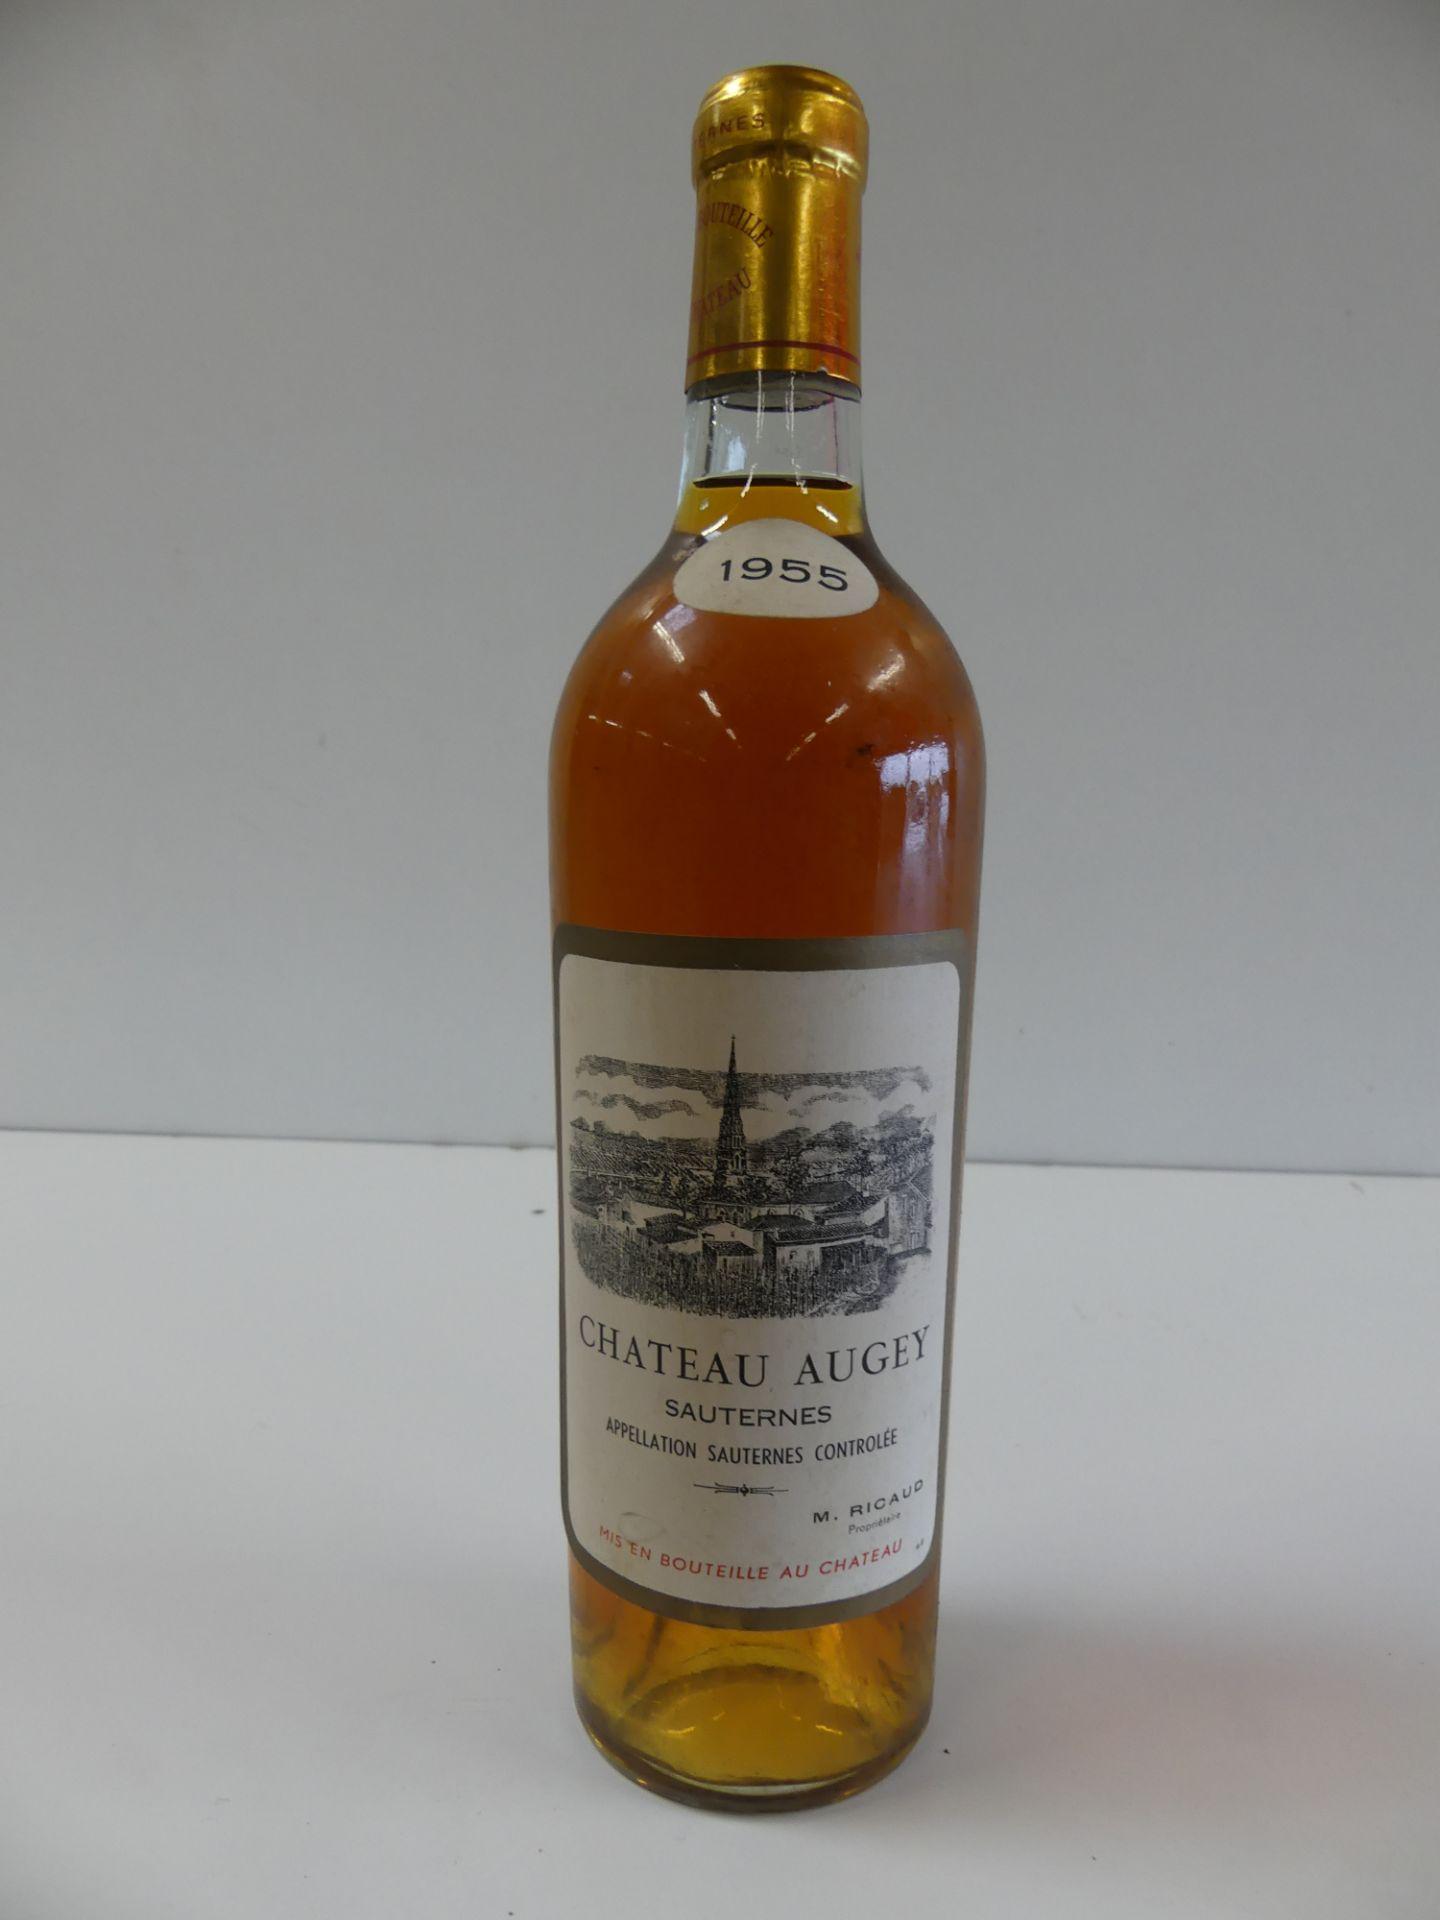 Los 24 - 1 Château Augey Sauternes 1955 M. Ricaud Propriétaire (Reconditionnée) -